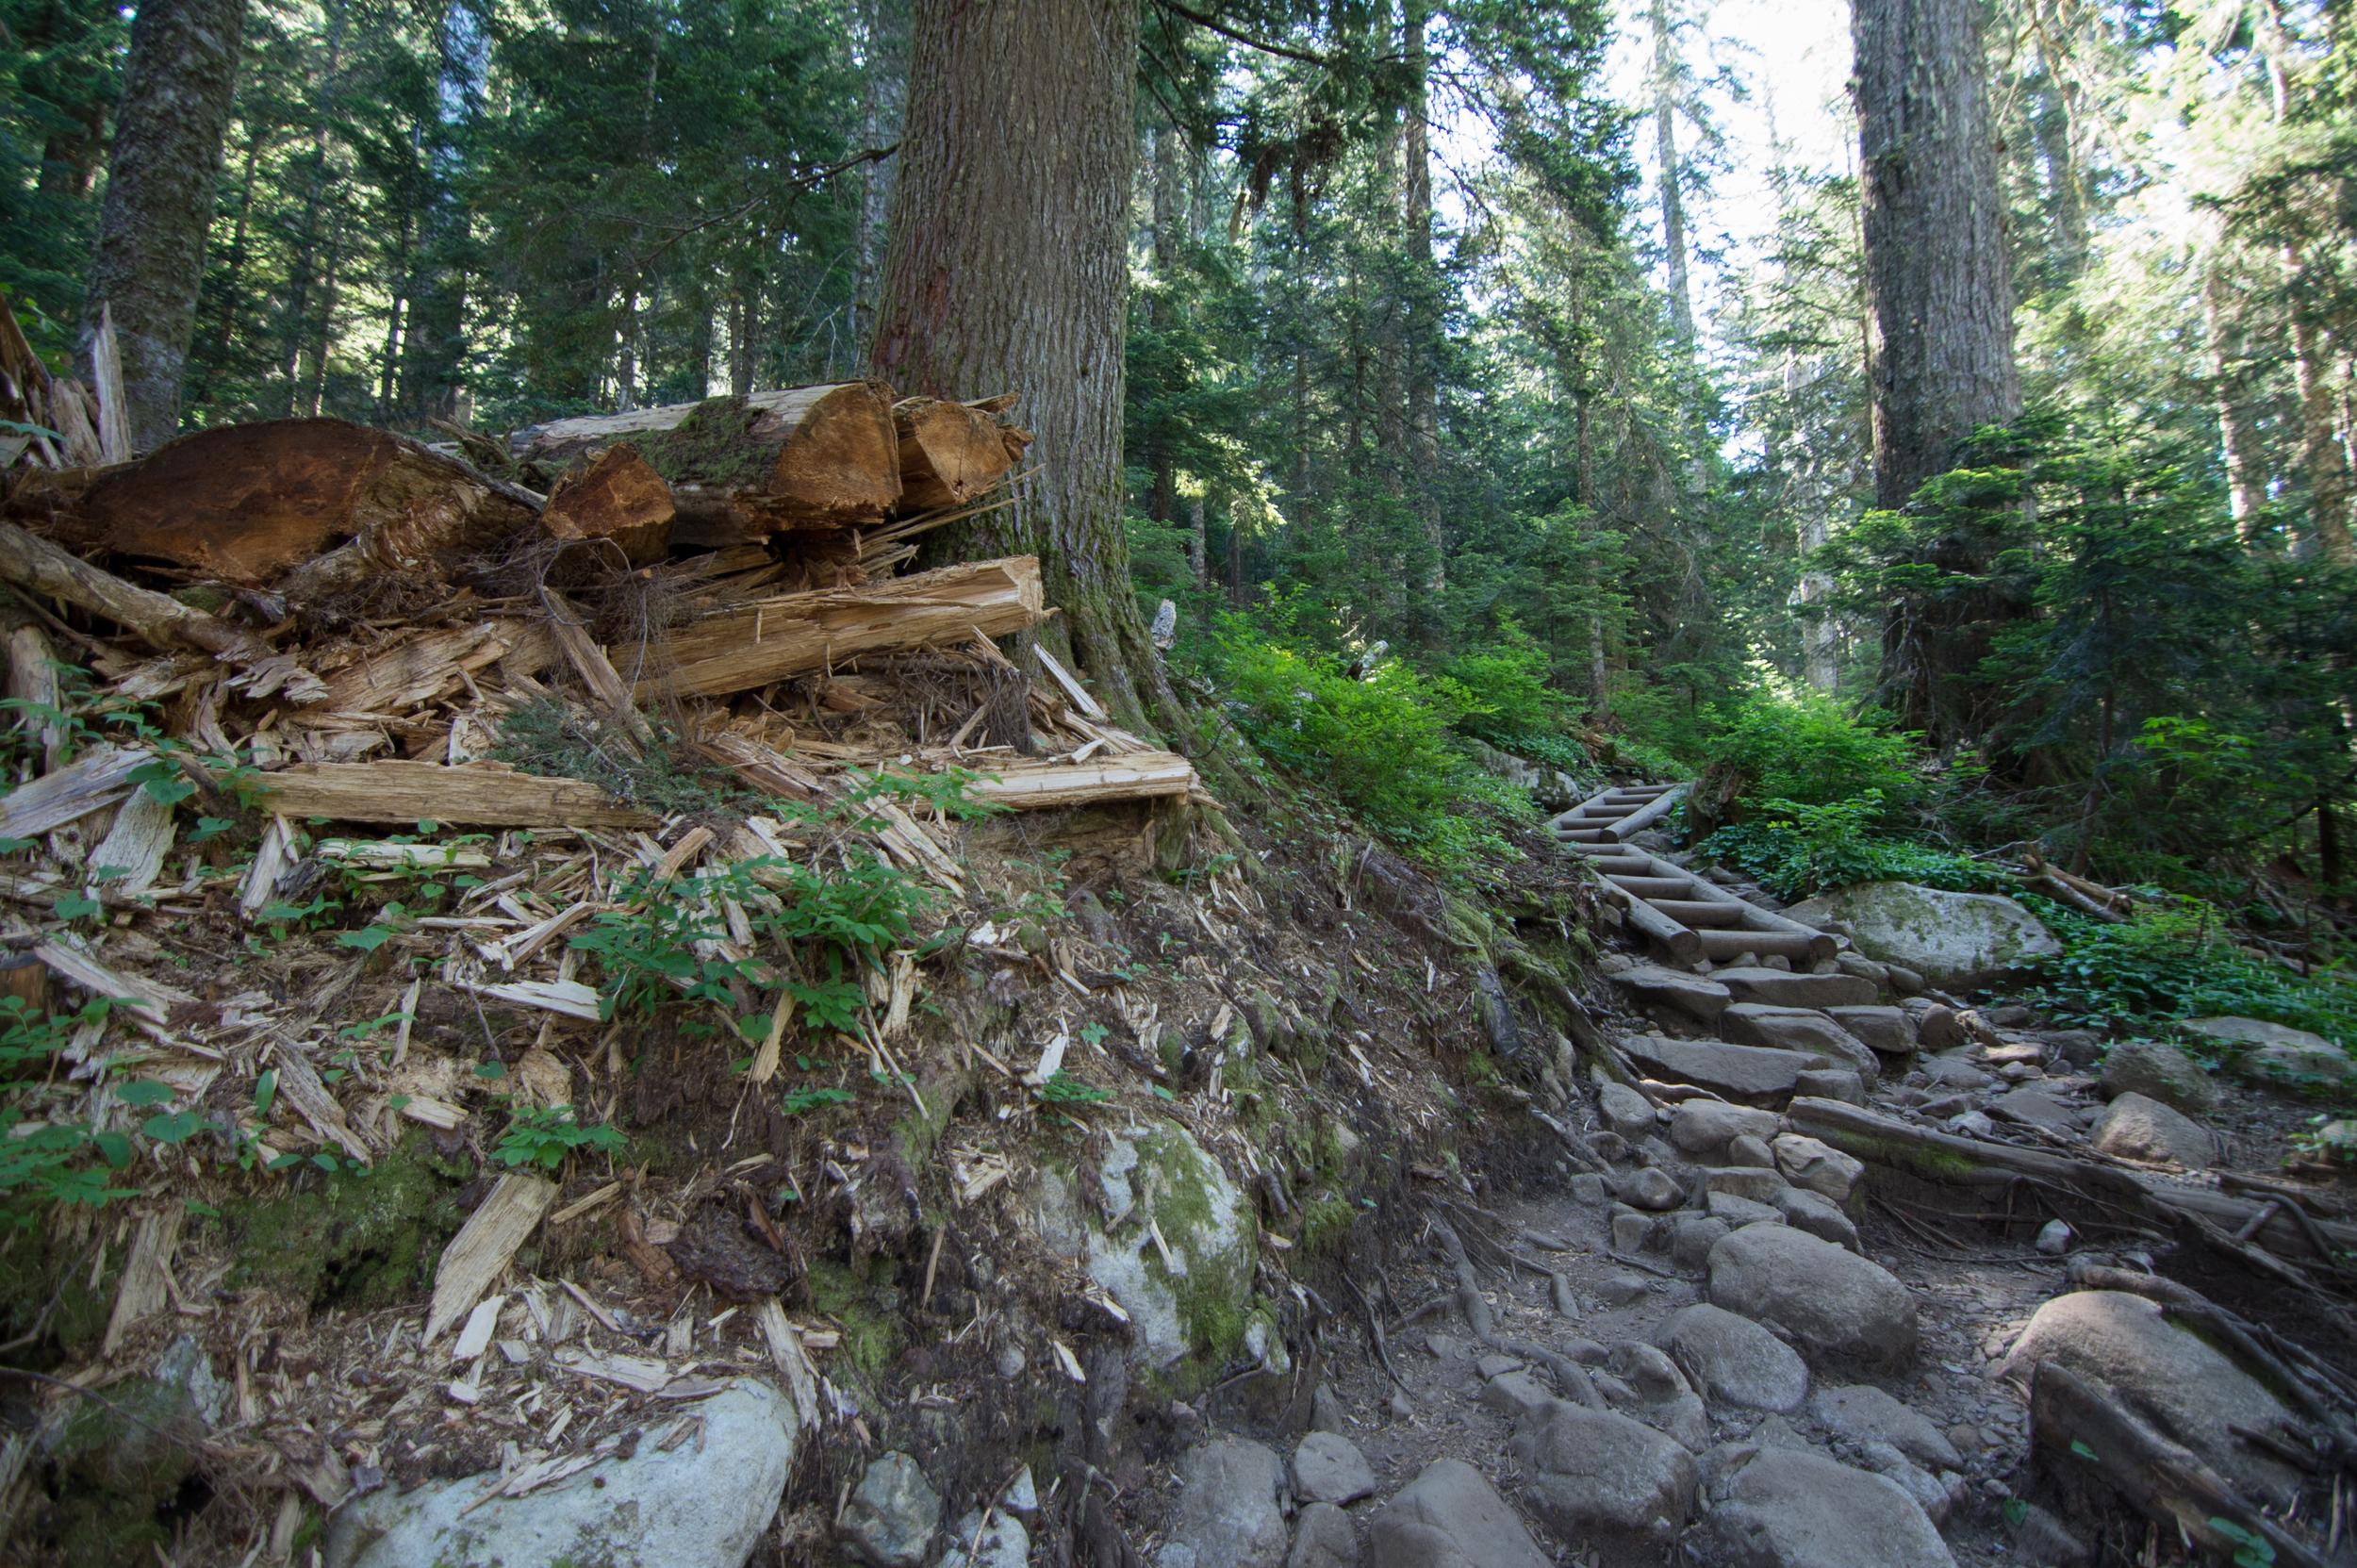 Mount_Pilchuck-9.jpg